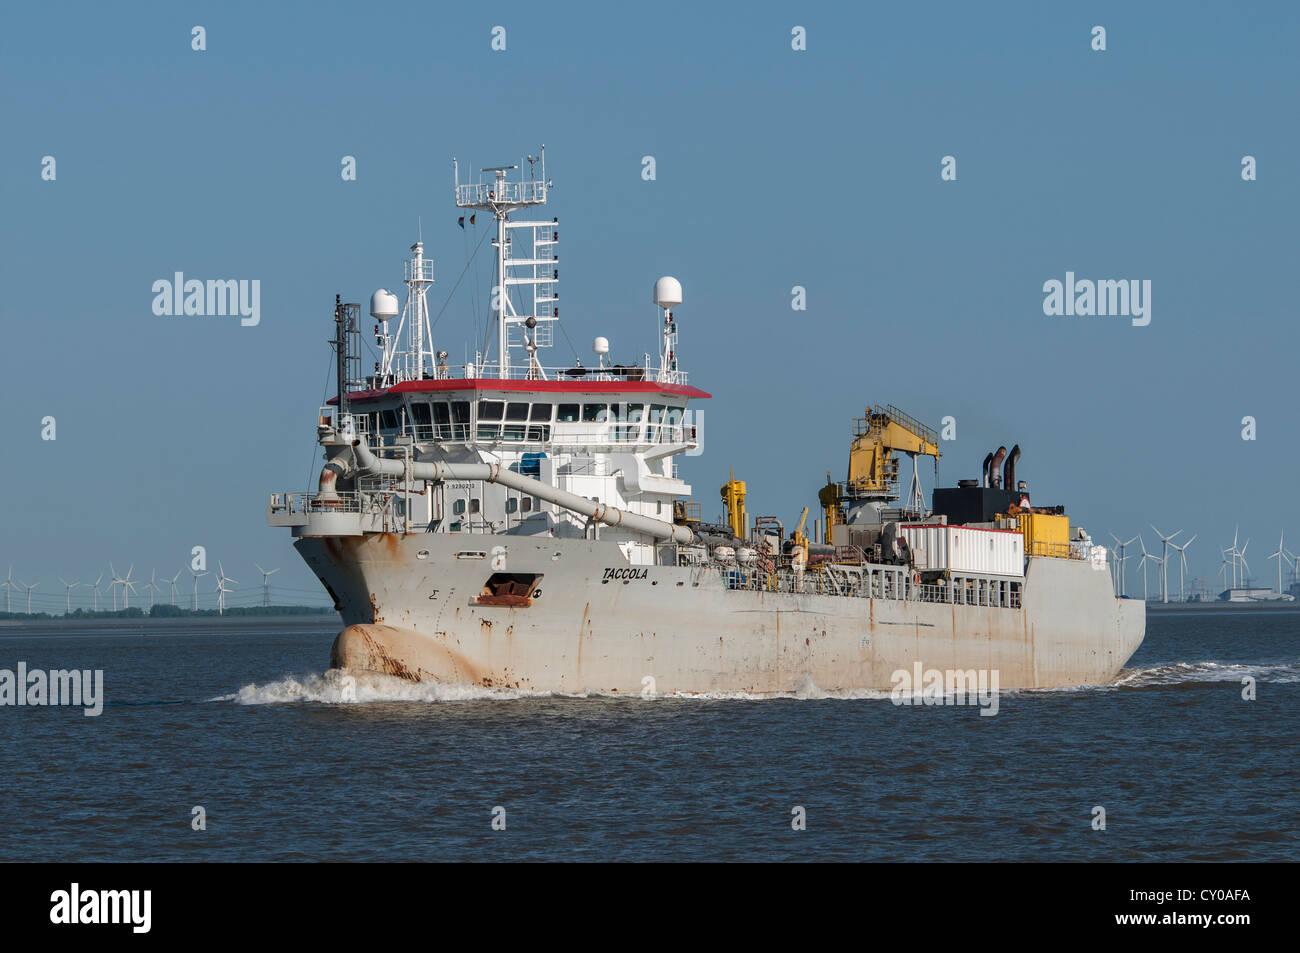 Draga, 'Taccola' lavorando sulla barca Dollart Bay, a estuario vicino a Emden, Bassa Sassonia Immagini Stock